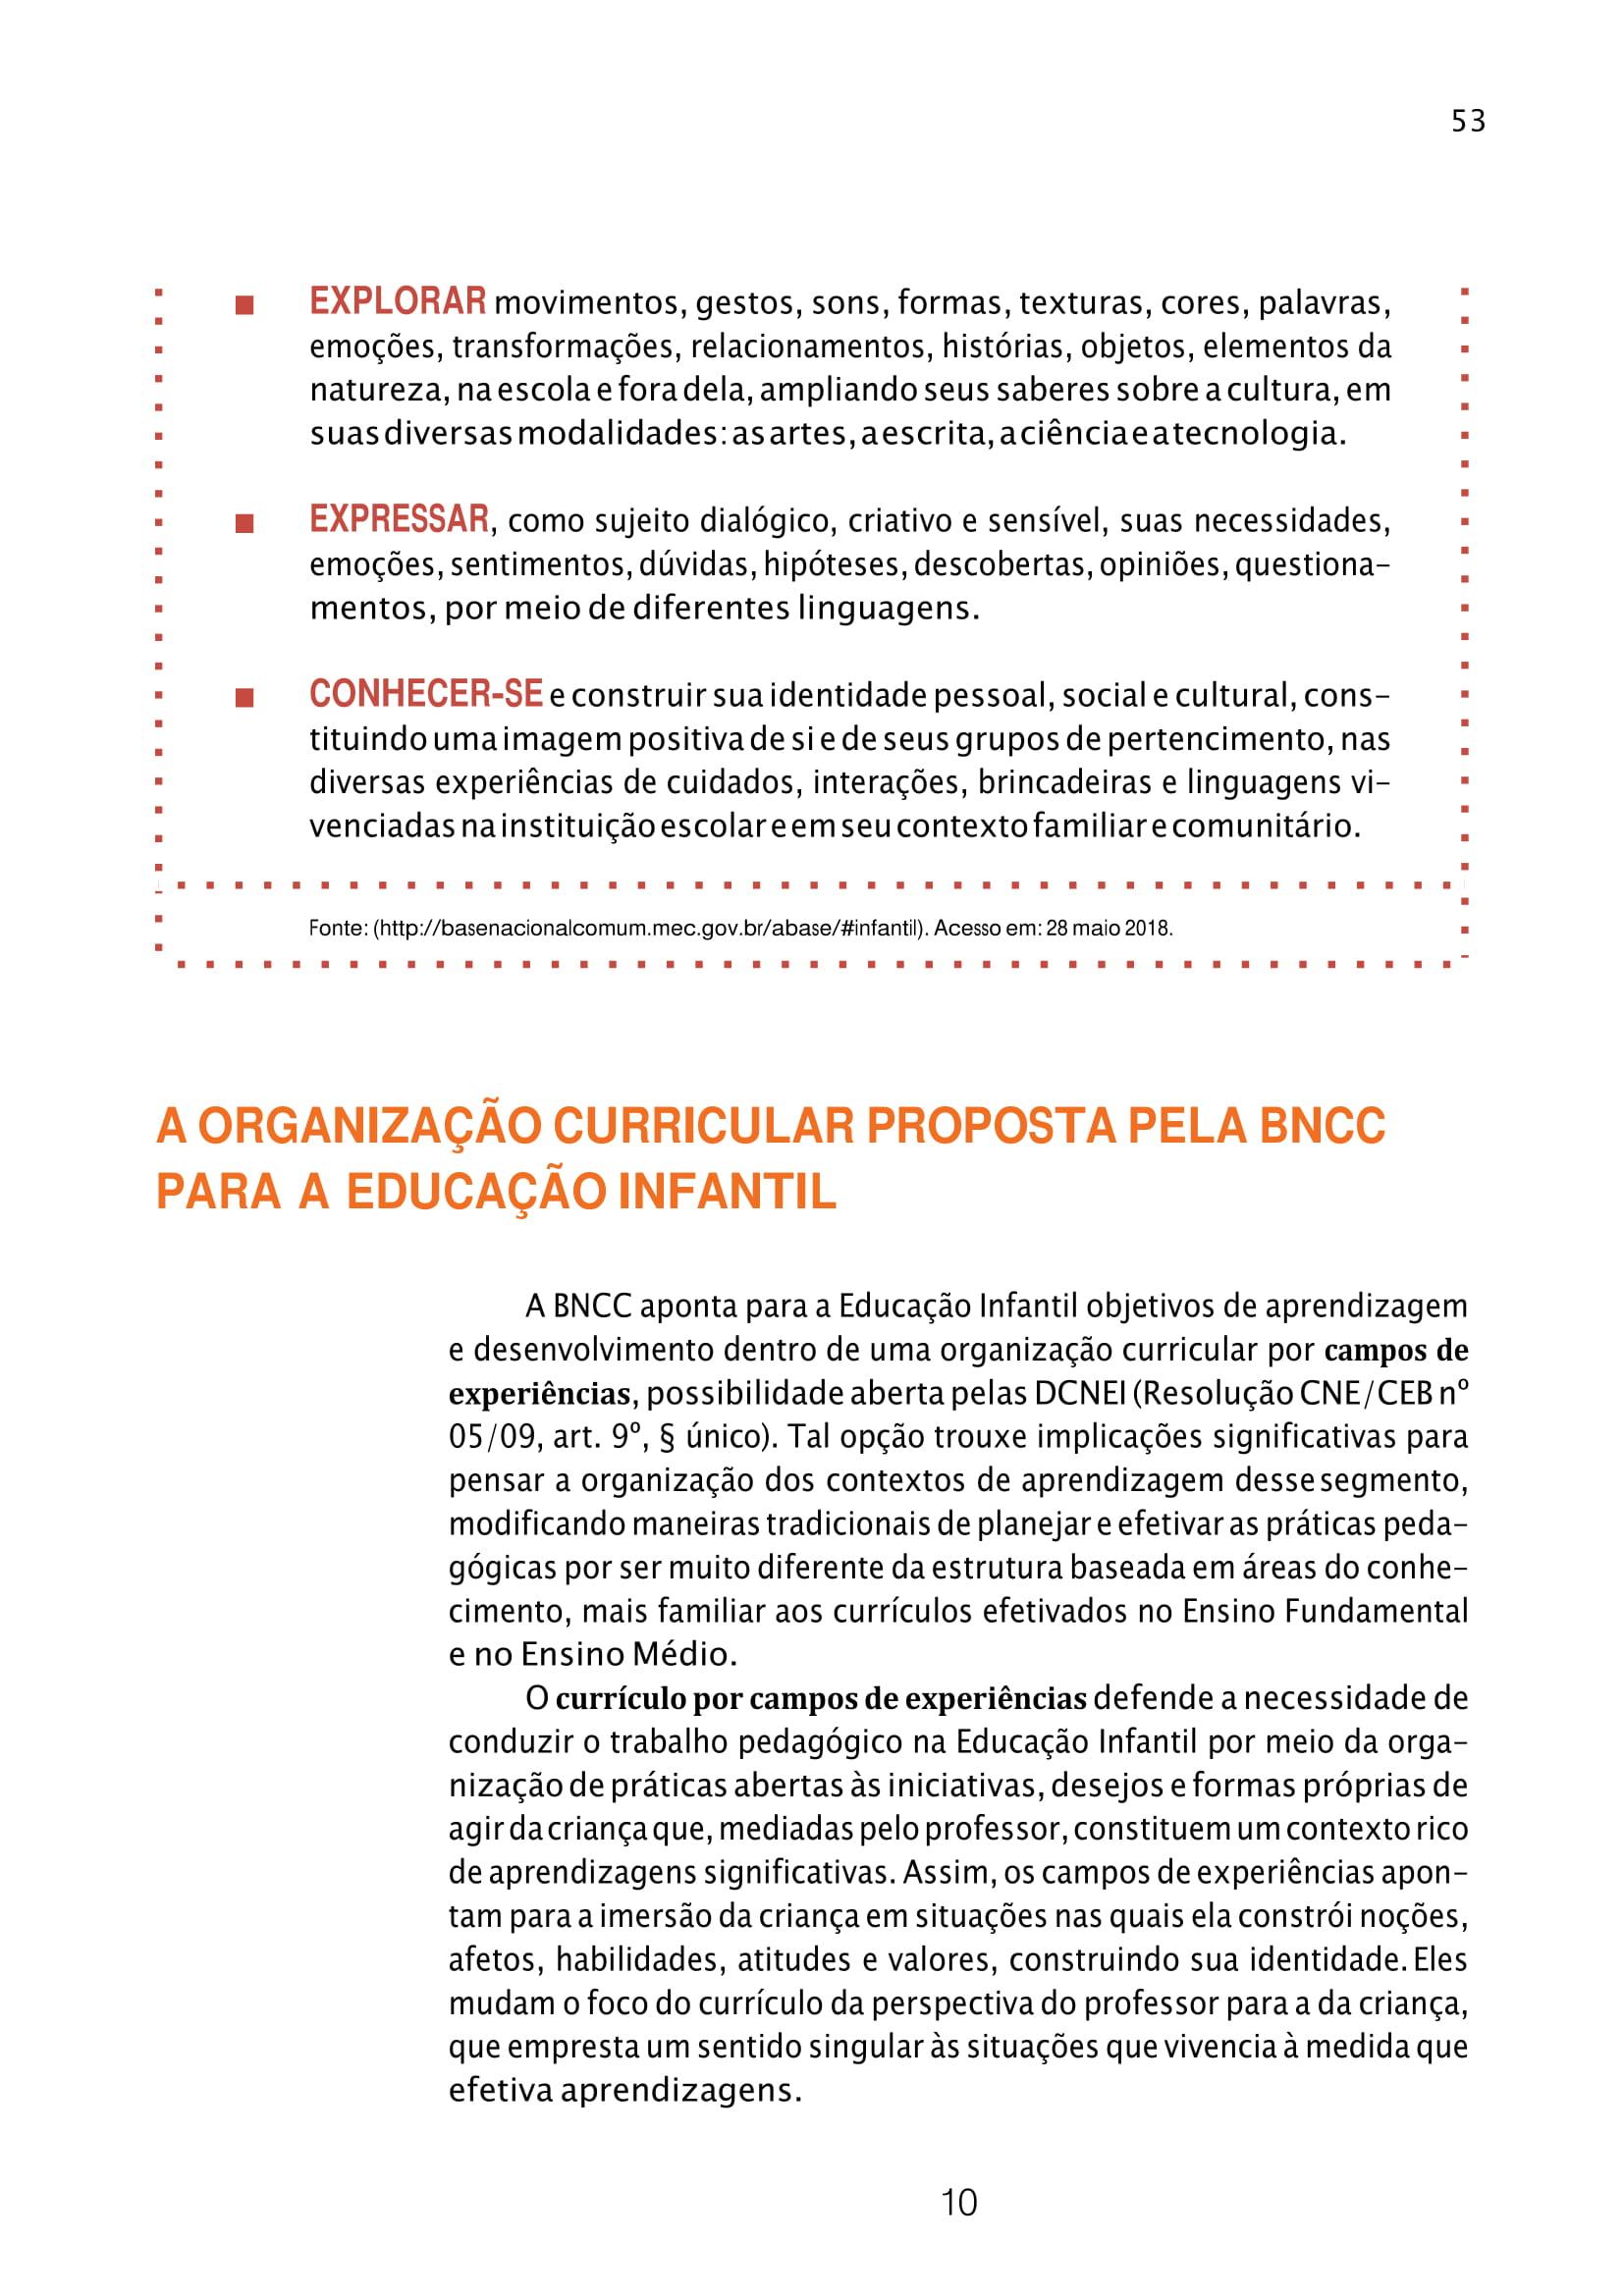 planejamento-educação-infantil-bncc-geral-83